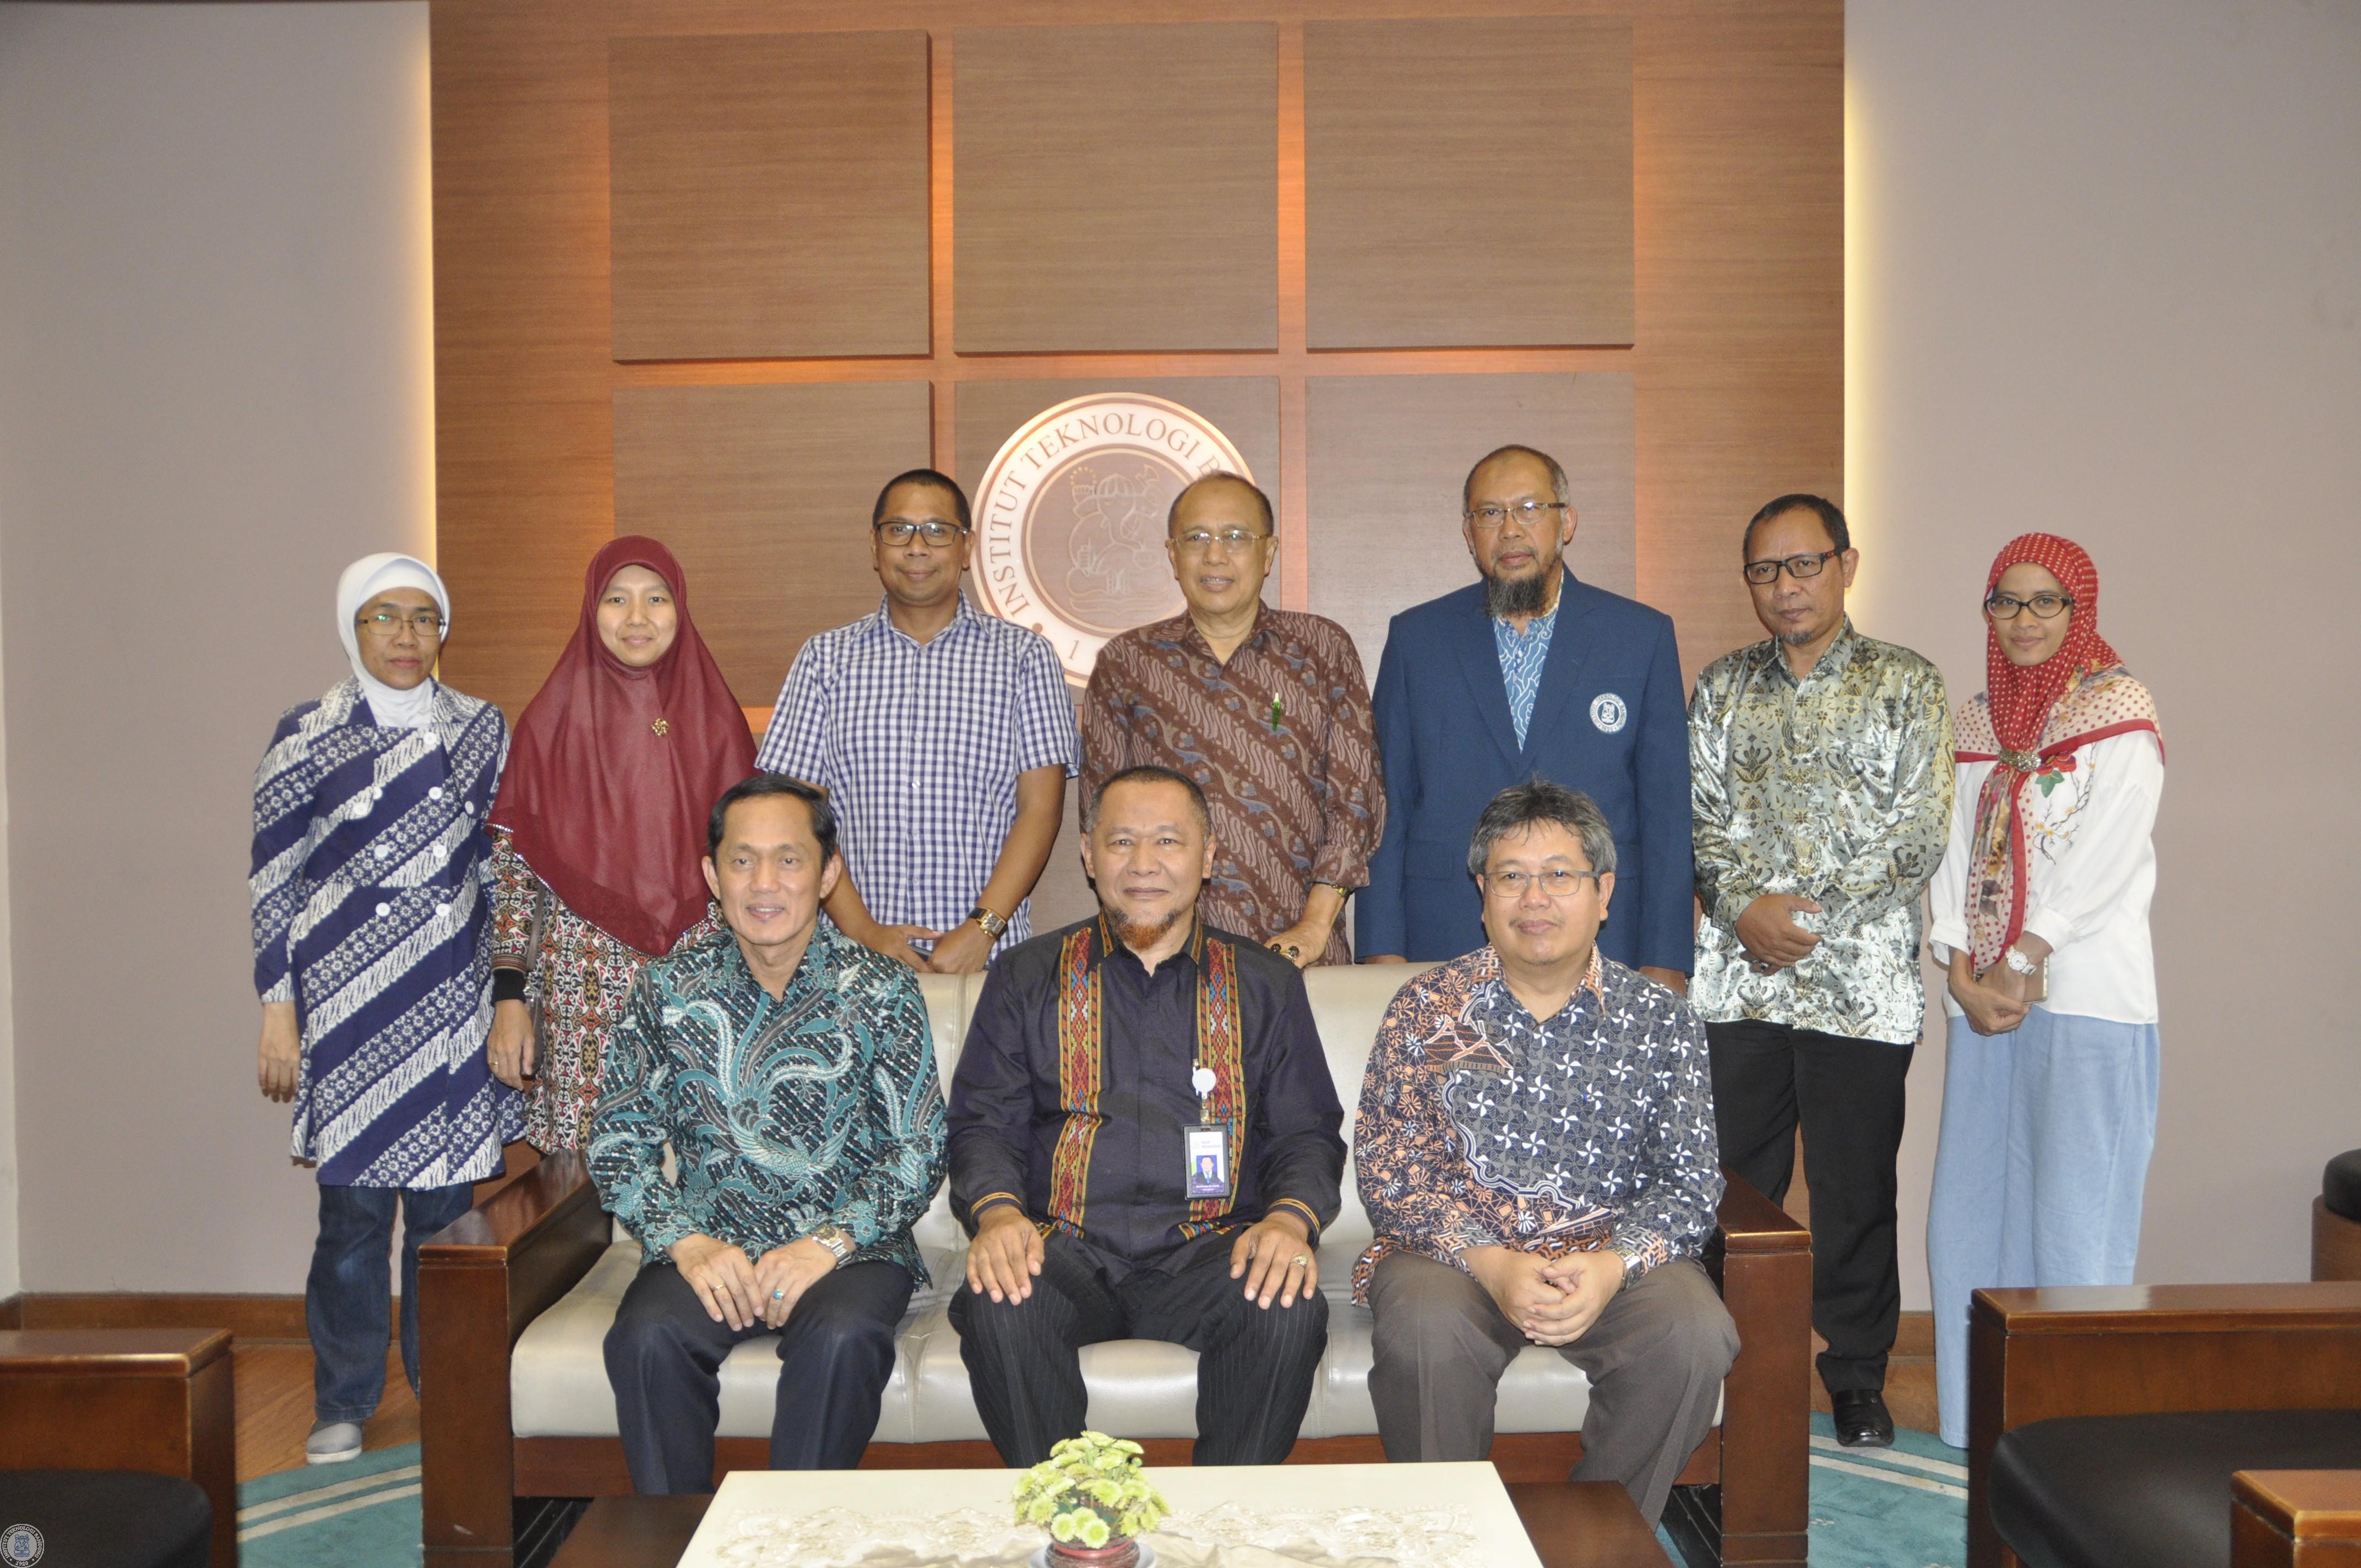 Komitmen Memajukan Desa Tertinggal, ITB Gandeng Baitulmaal Muamalat